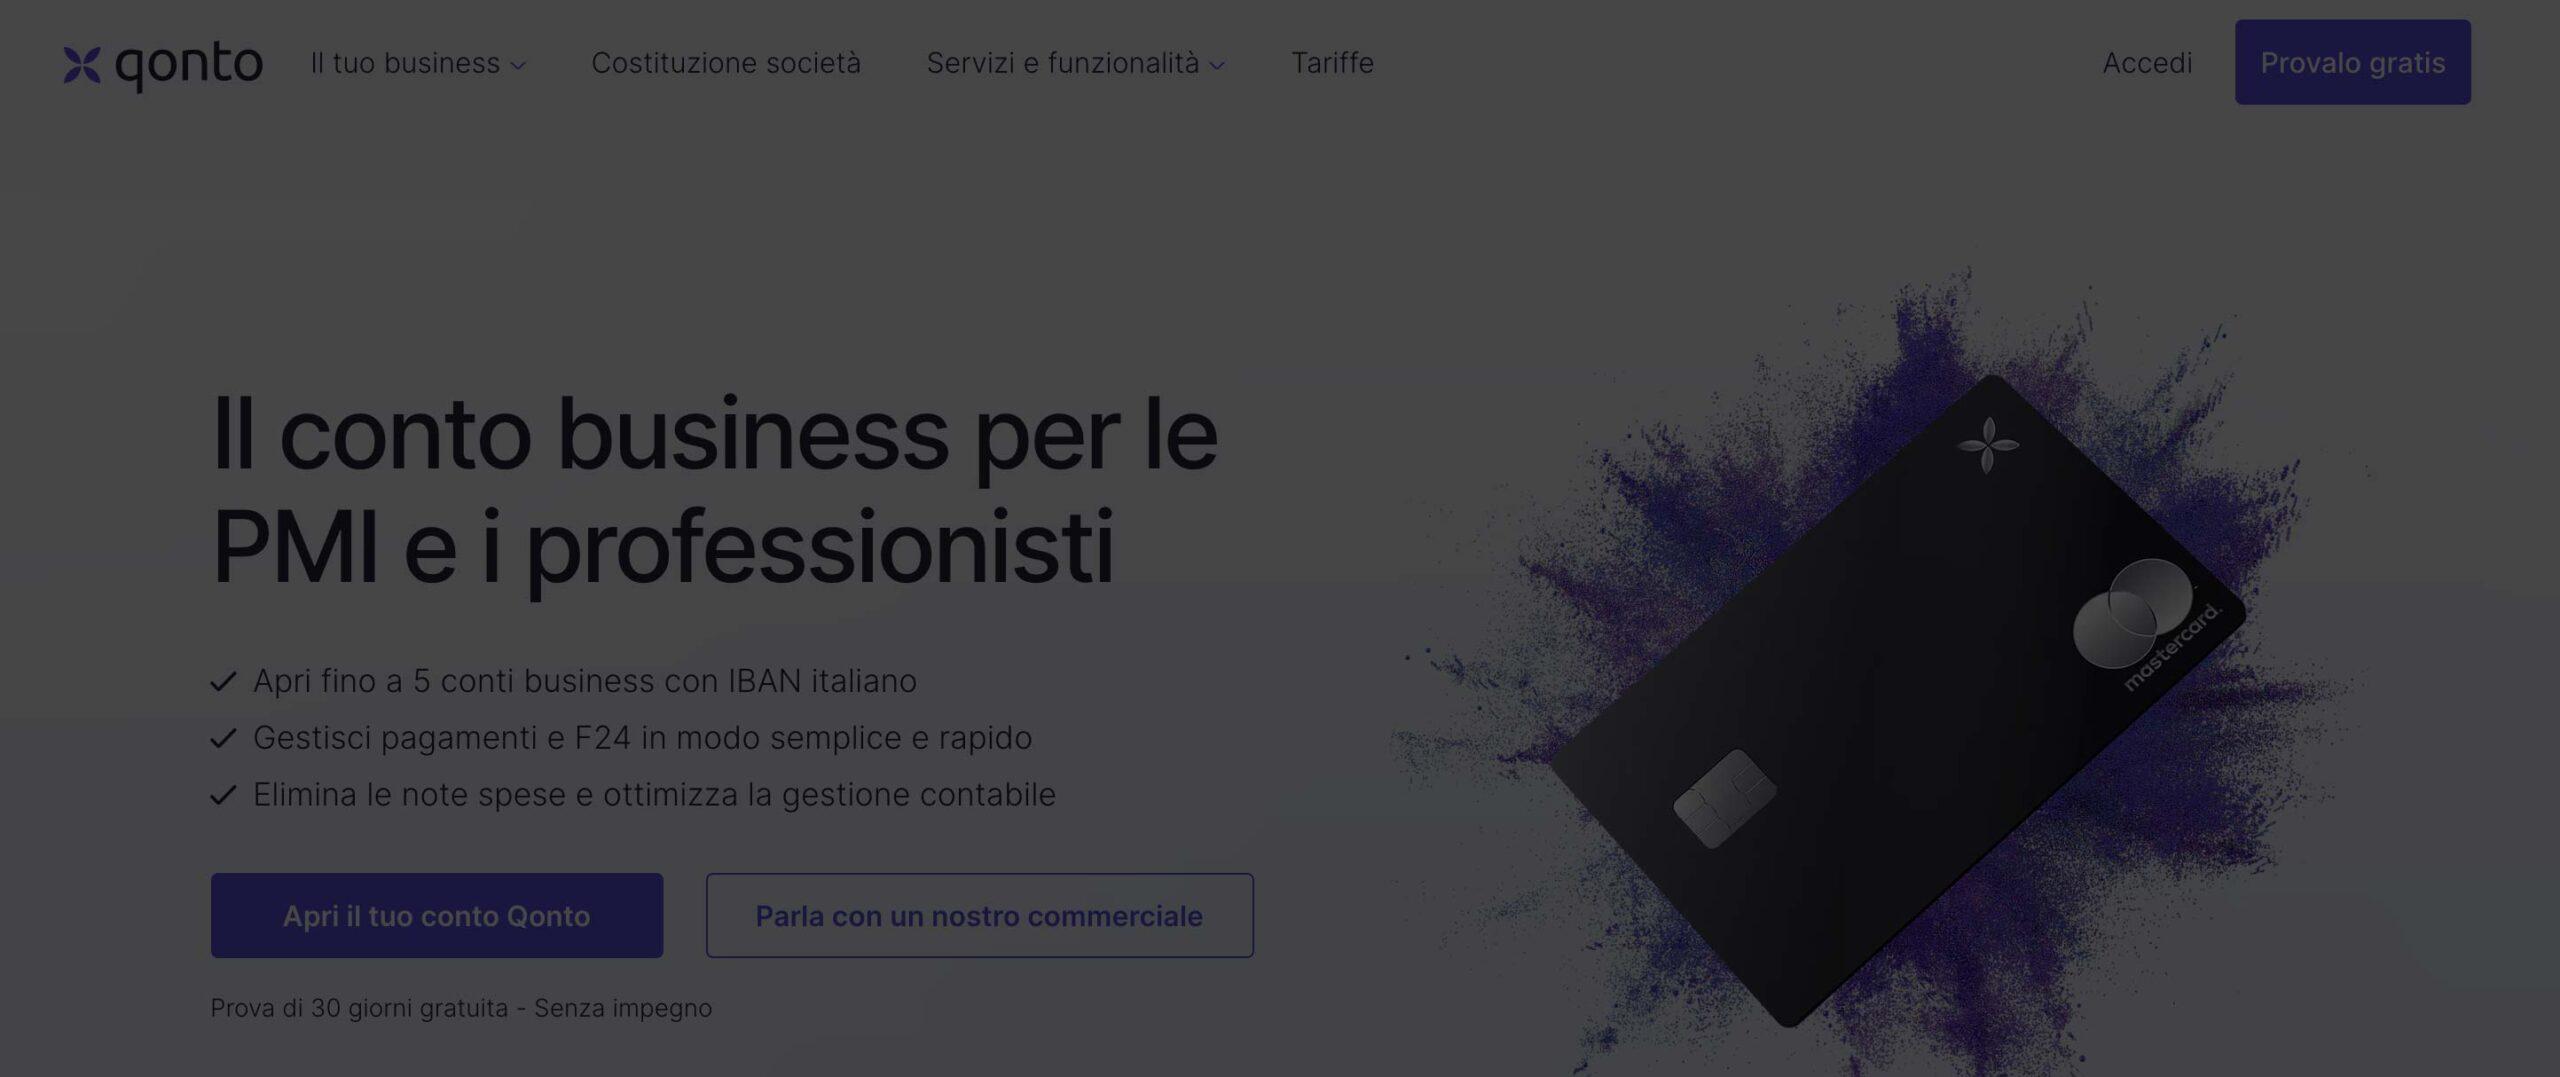 Miglior conto aziendale online innovativo – qonto recensioni